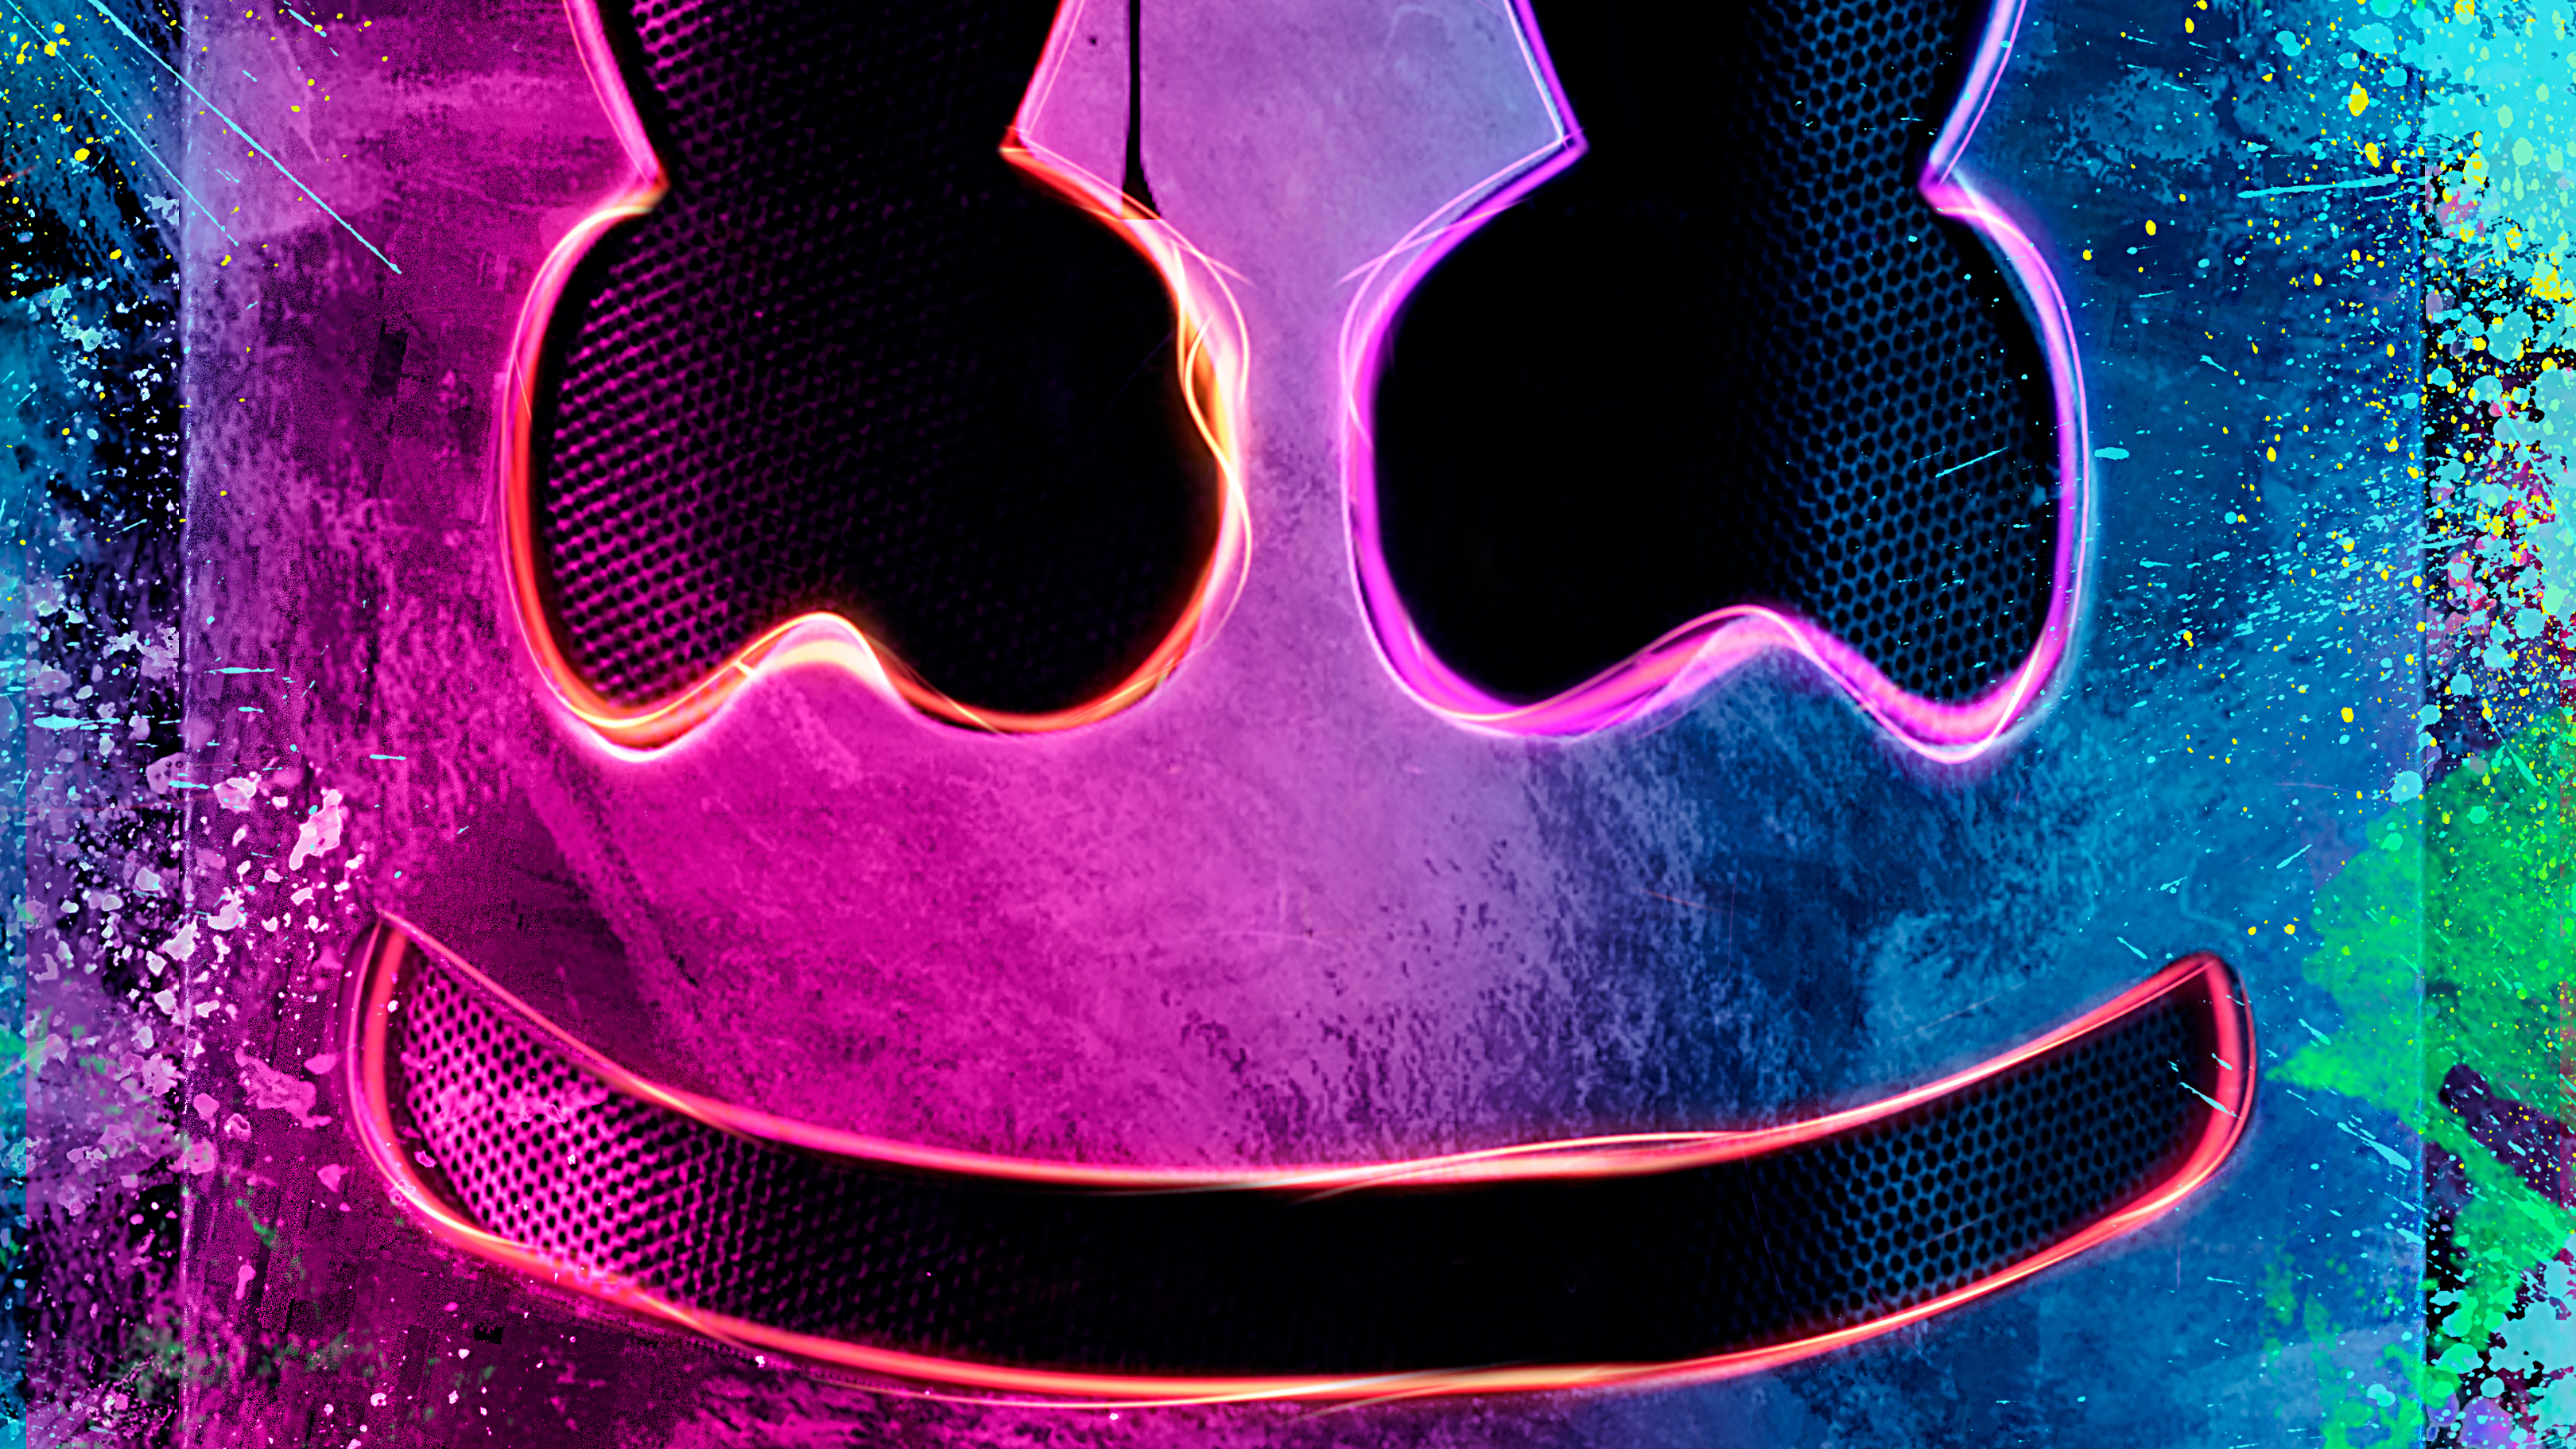 Fondos de pantalla DJ Marshmello Pintura y luces neón